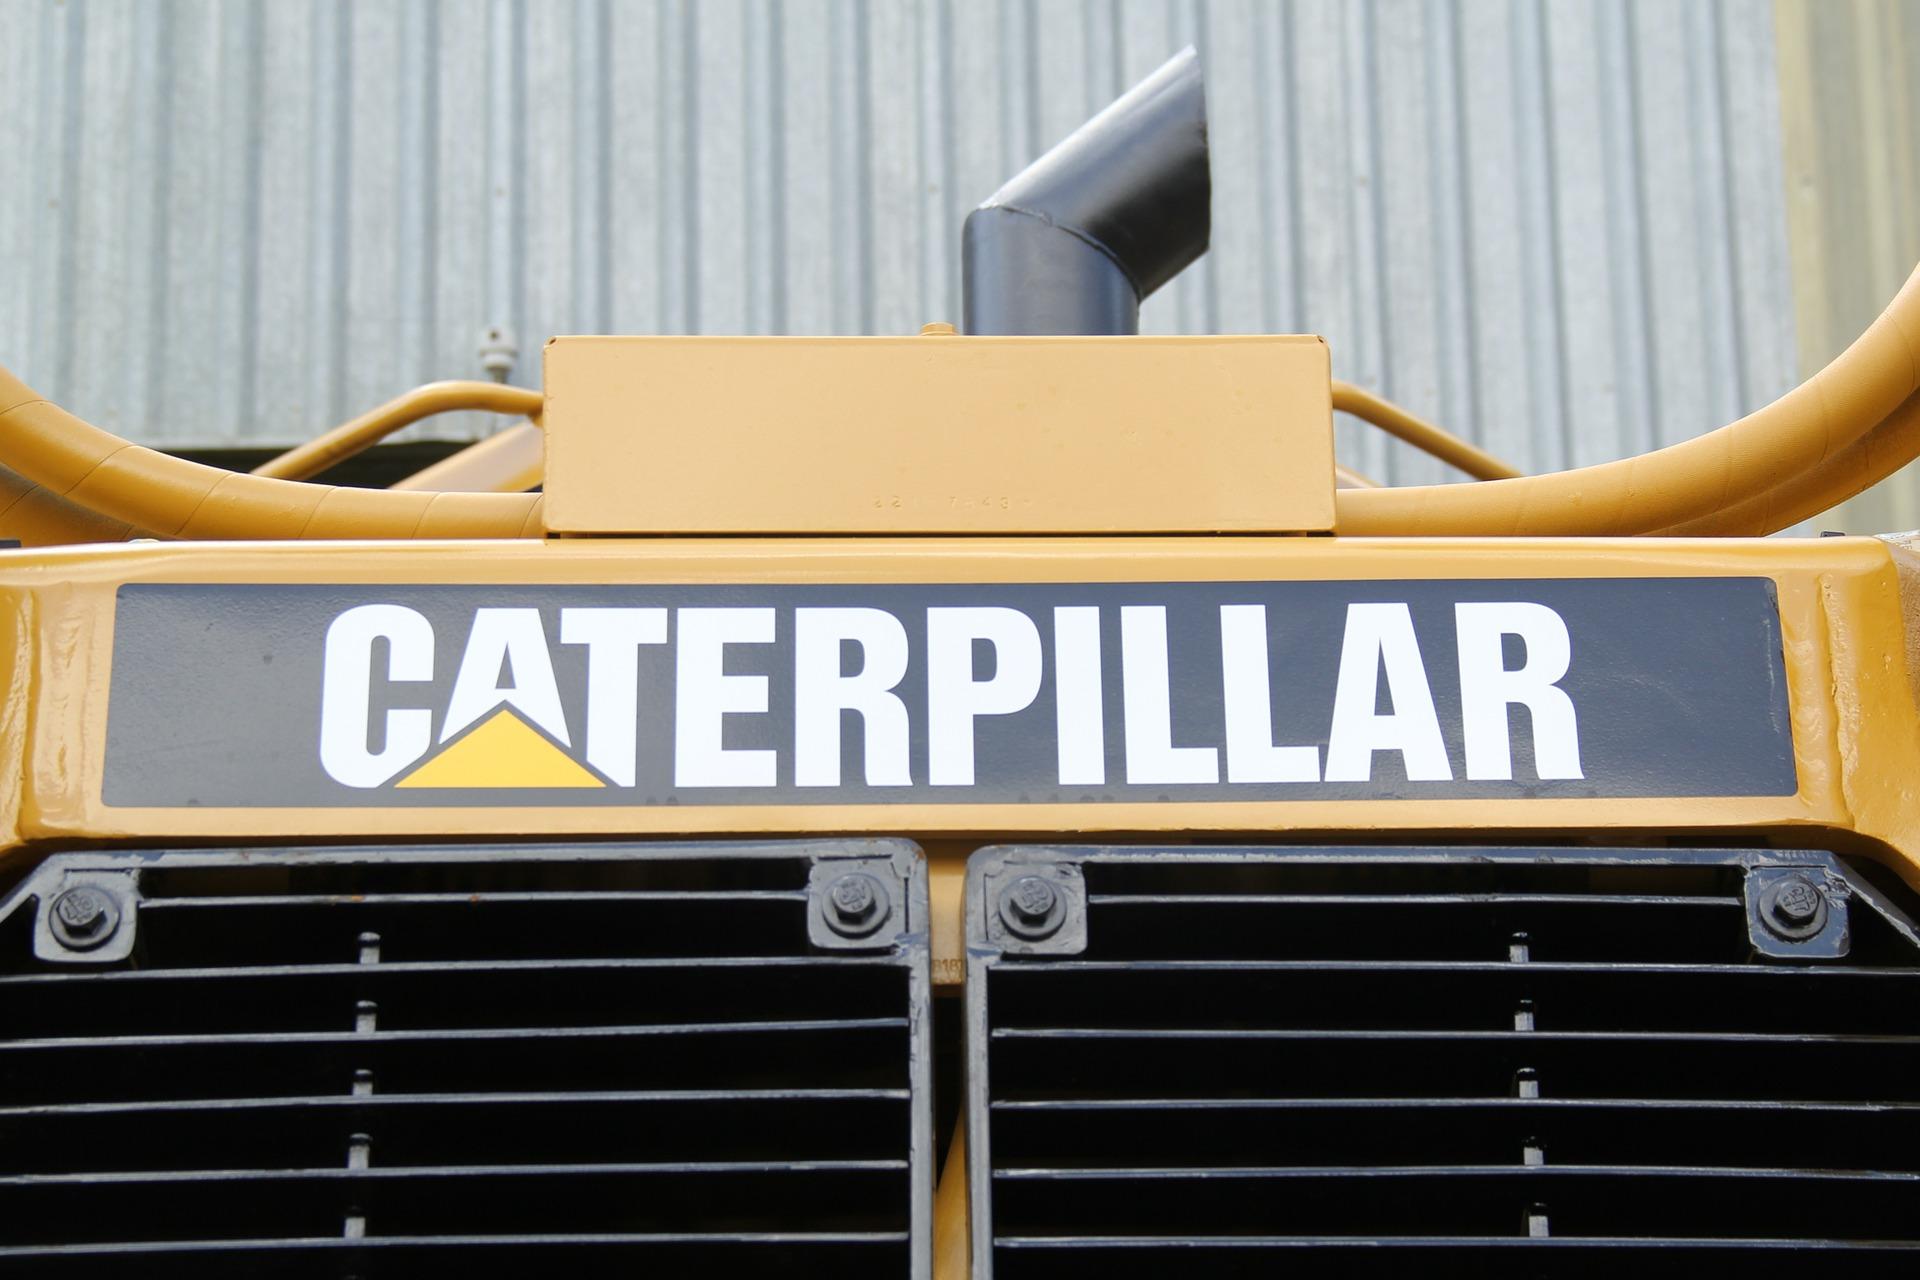 Caterpillar machine.